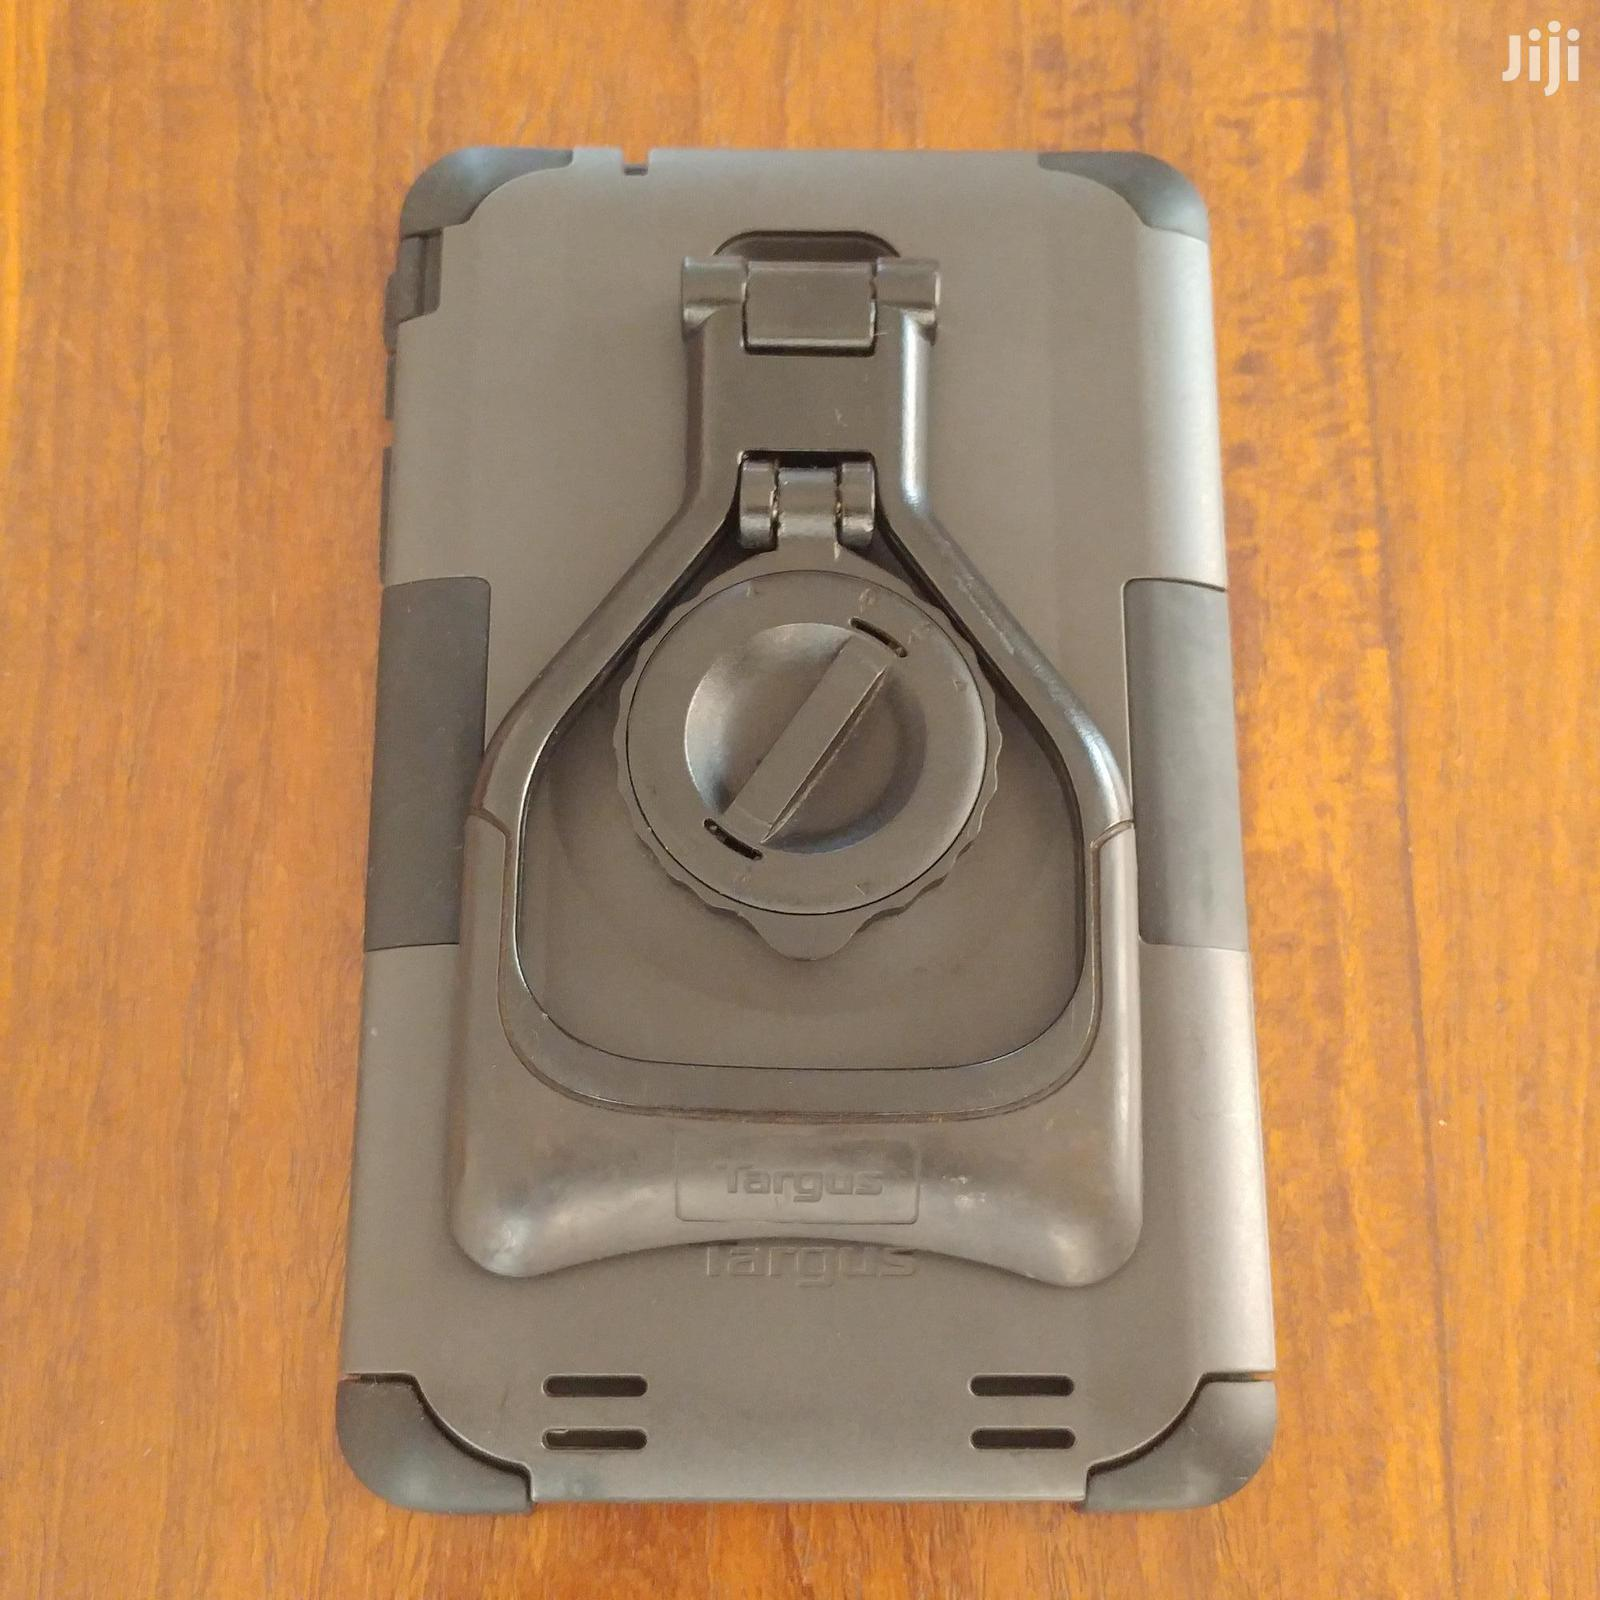 Dell Venue 8 64 GB Black | Tablets for sale in Ilala, Dar es Salaam, Tanzania